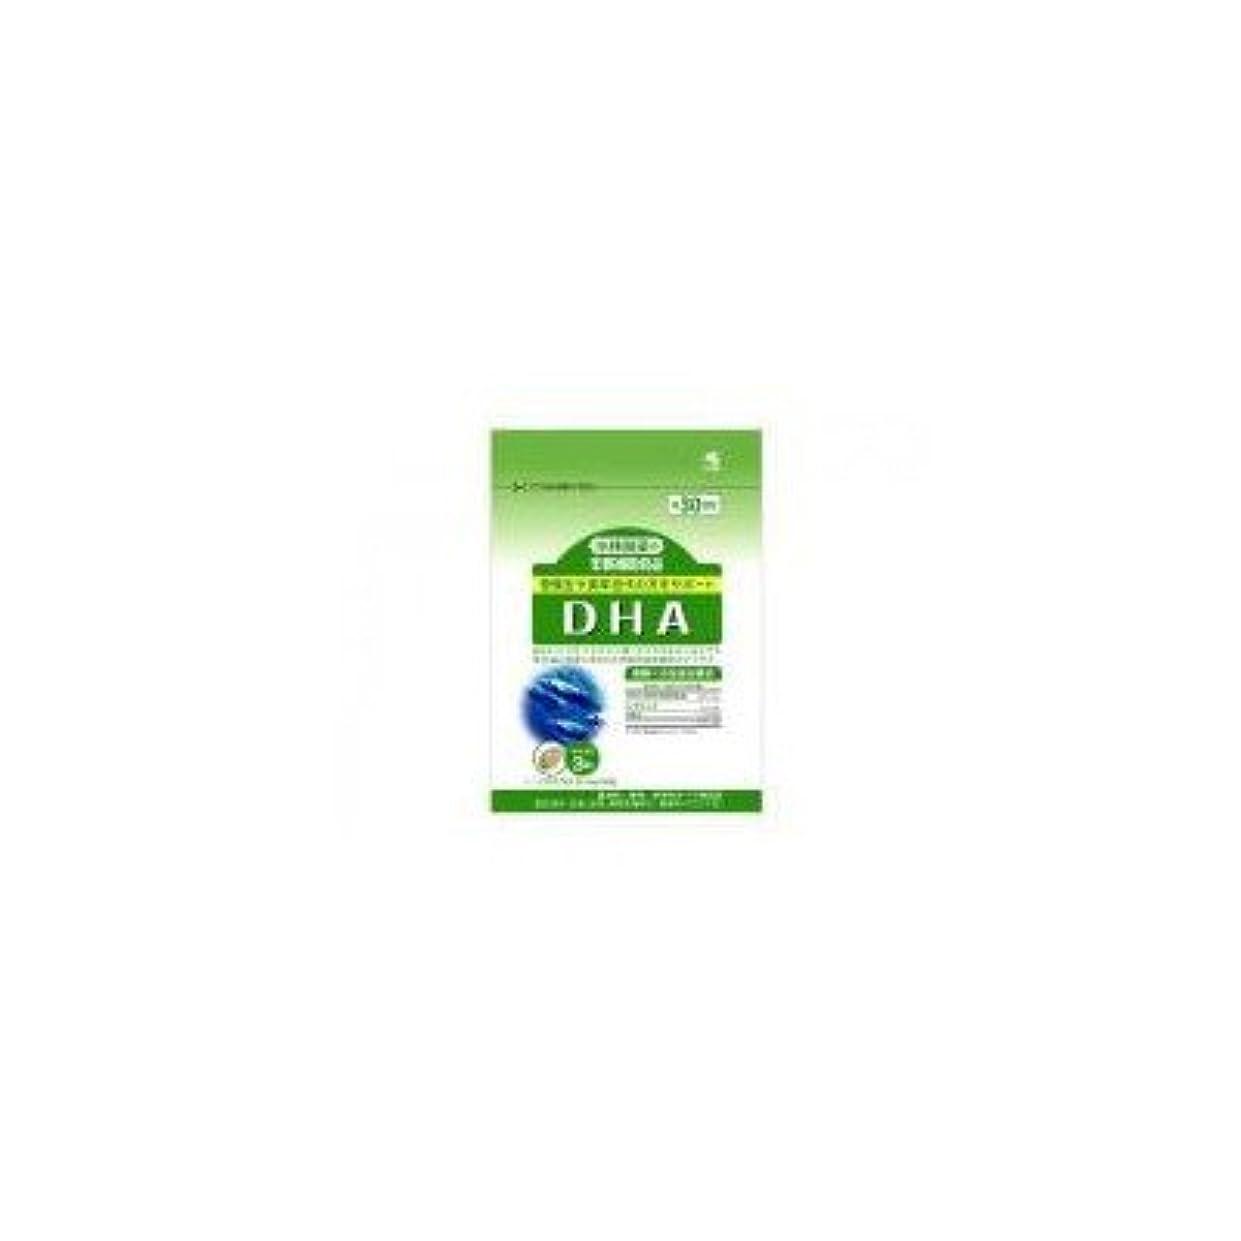 悲惨な頼む気味の悪い小林製薬の栄養補助食品 DHA(90粒 約30日分) 4セット